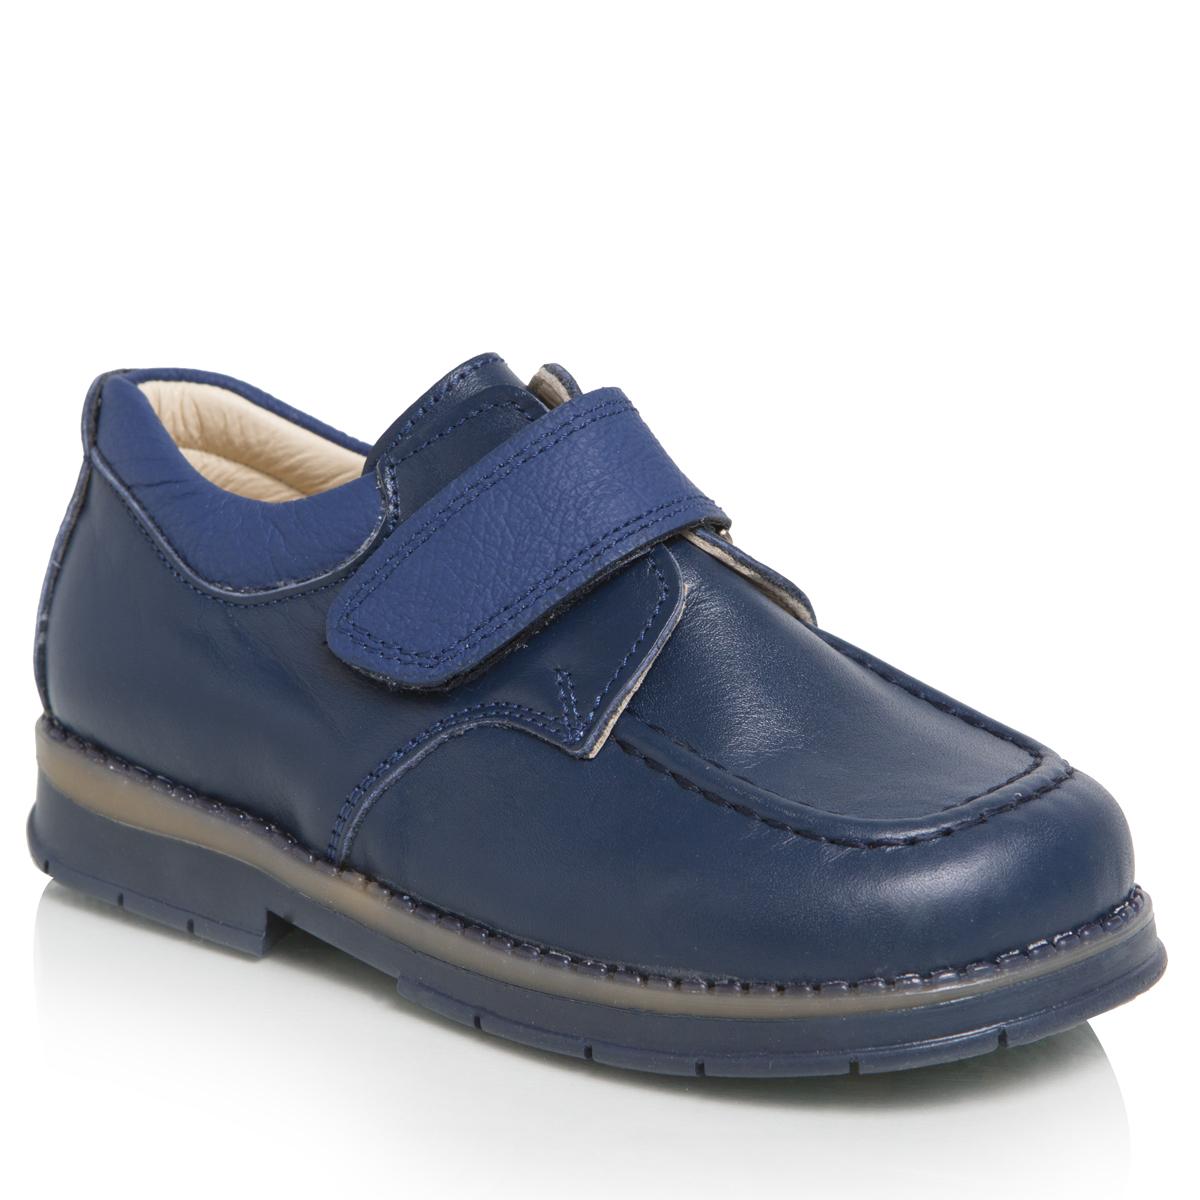 Полуботинки для мальчиков. 282-22282-22ТАШИ ОРТО - детская профилактическая ортопедическая обувь массового производства. Ее можно носить не только детям с признаками плоскостопия и косолапия , но и для профилактики подобных отклонений. А многим детям ортопедическая обувь НЕОБХОДИМА для коррекции стопы, исправления походки и осанки.